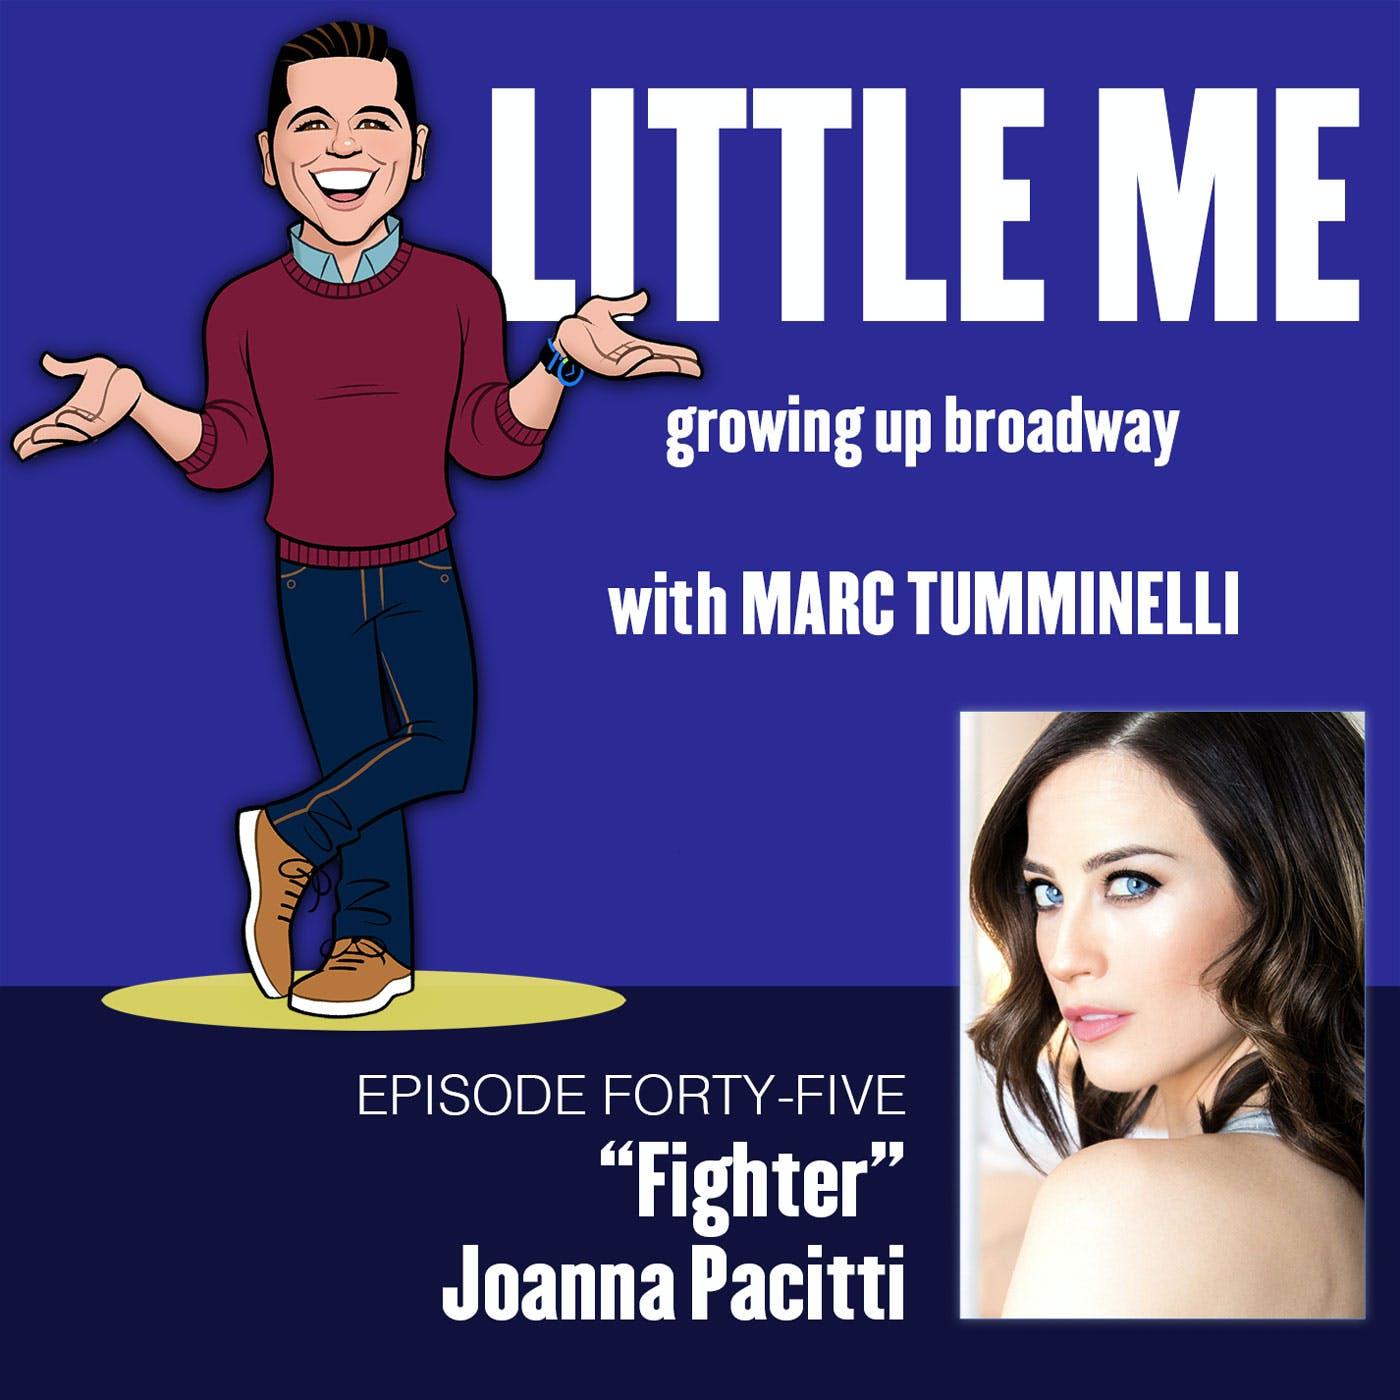 EP45 - Joanna Pacitti - Fighter